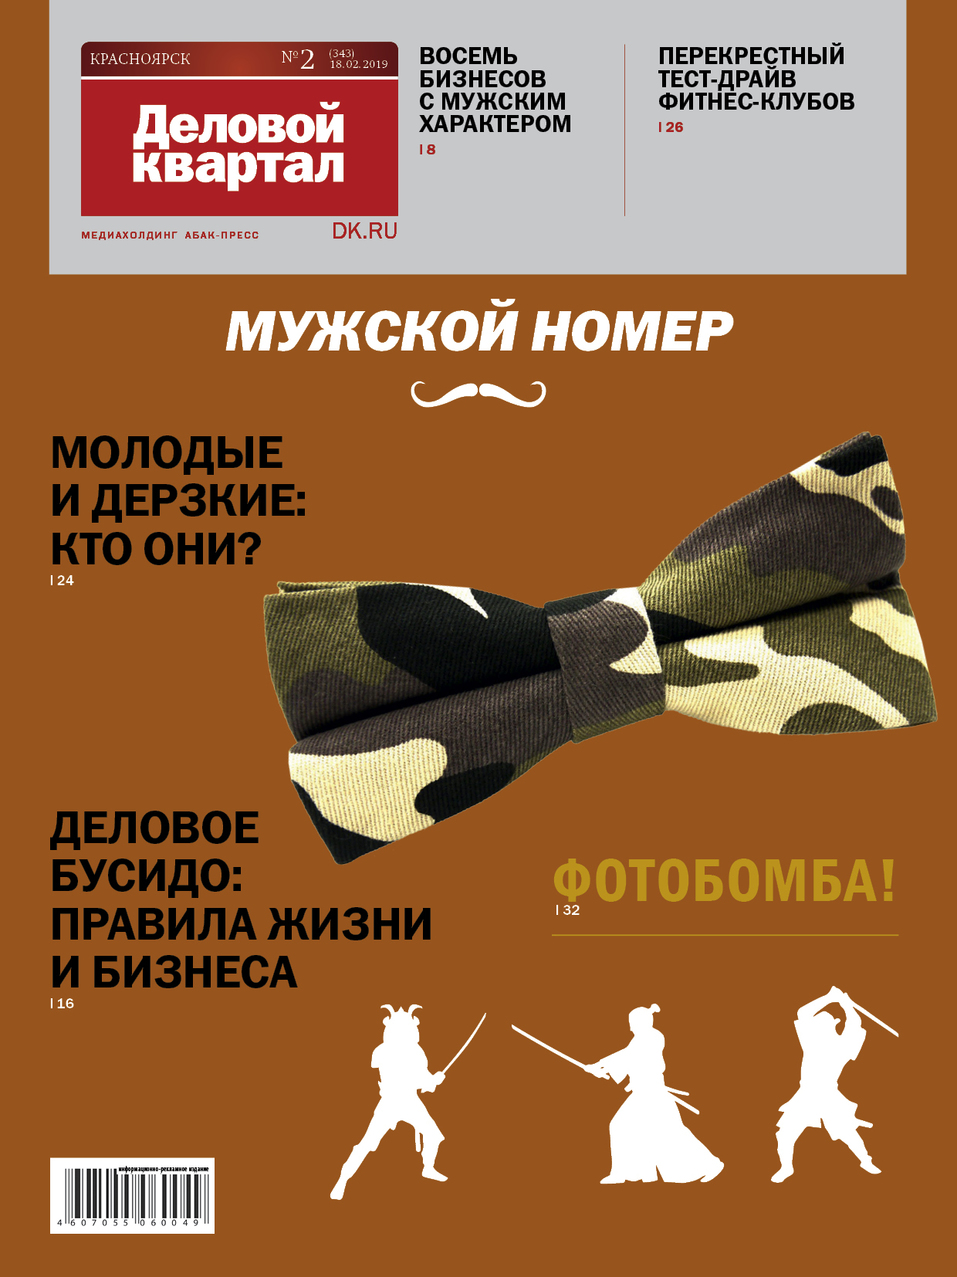 Архив журнала «Деловой квартал»-Красноярск 2